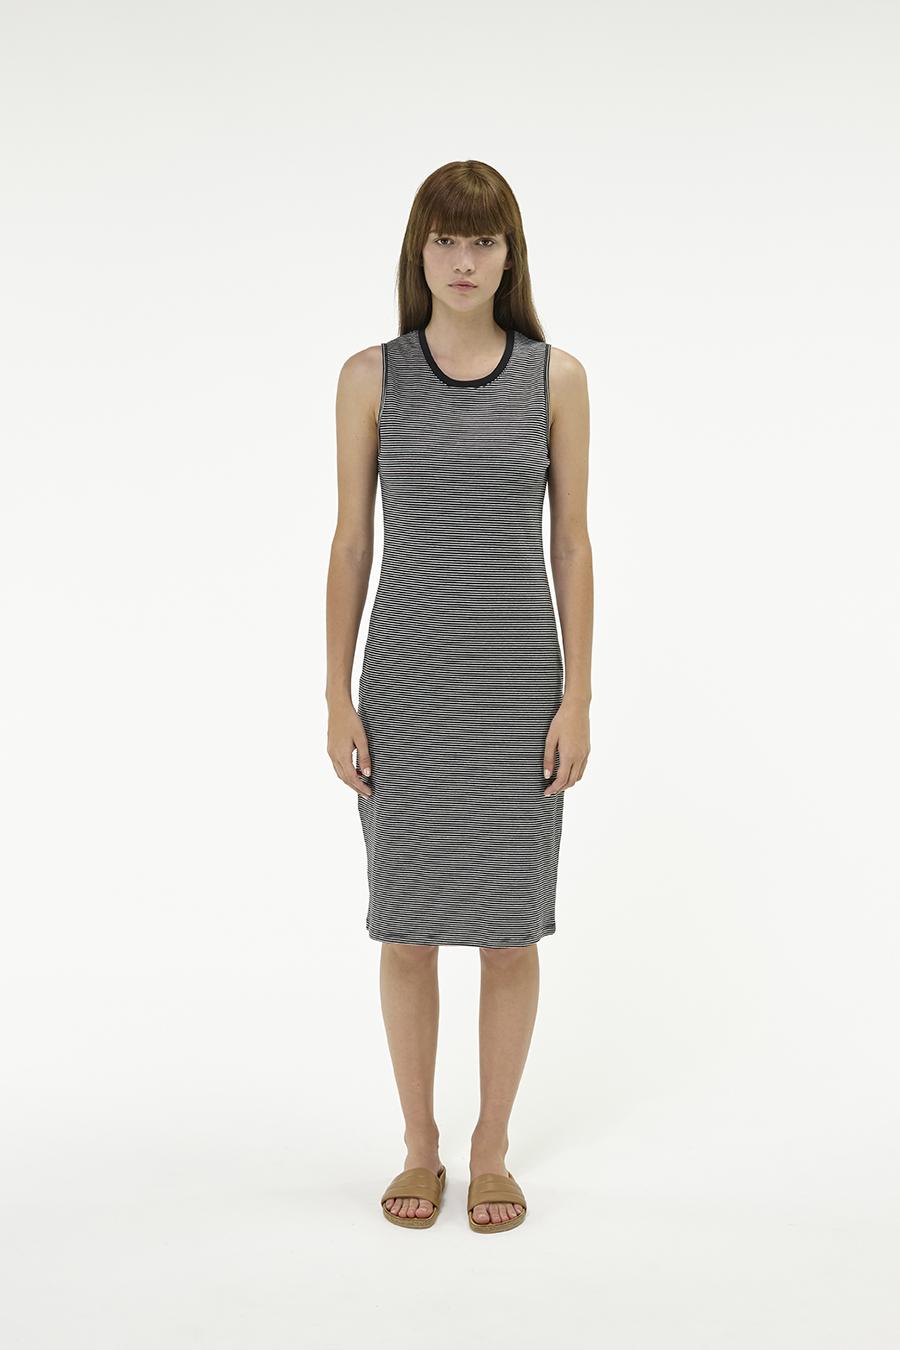 Huffer_Q3-16_W-Club-Stella-Dress_Black-01